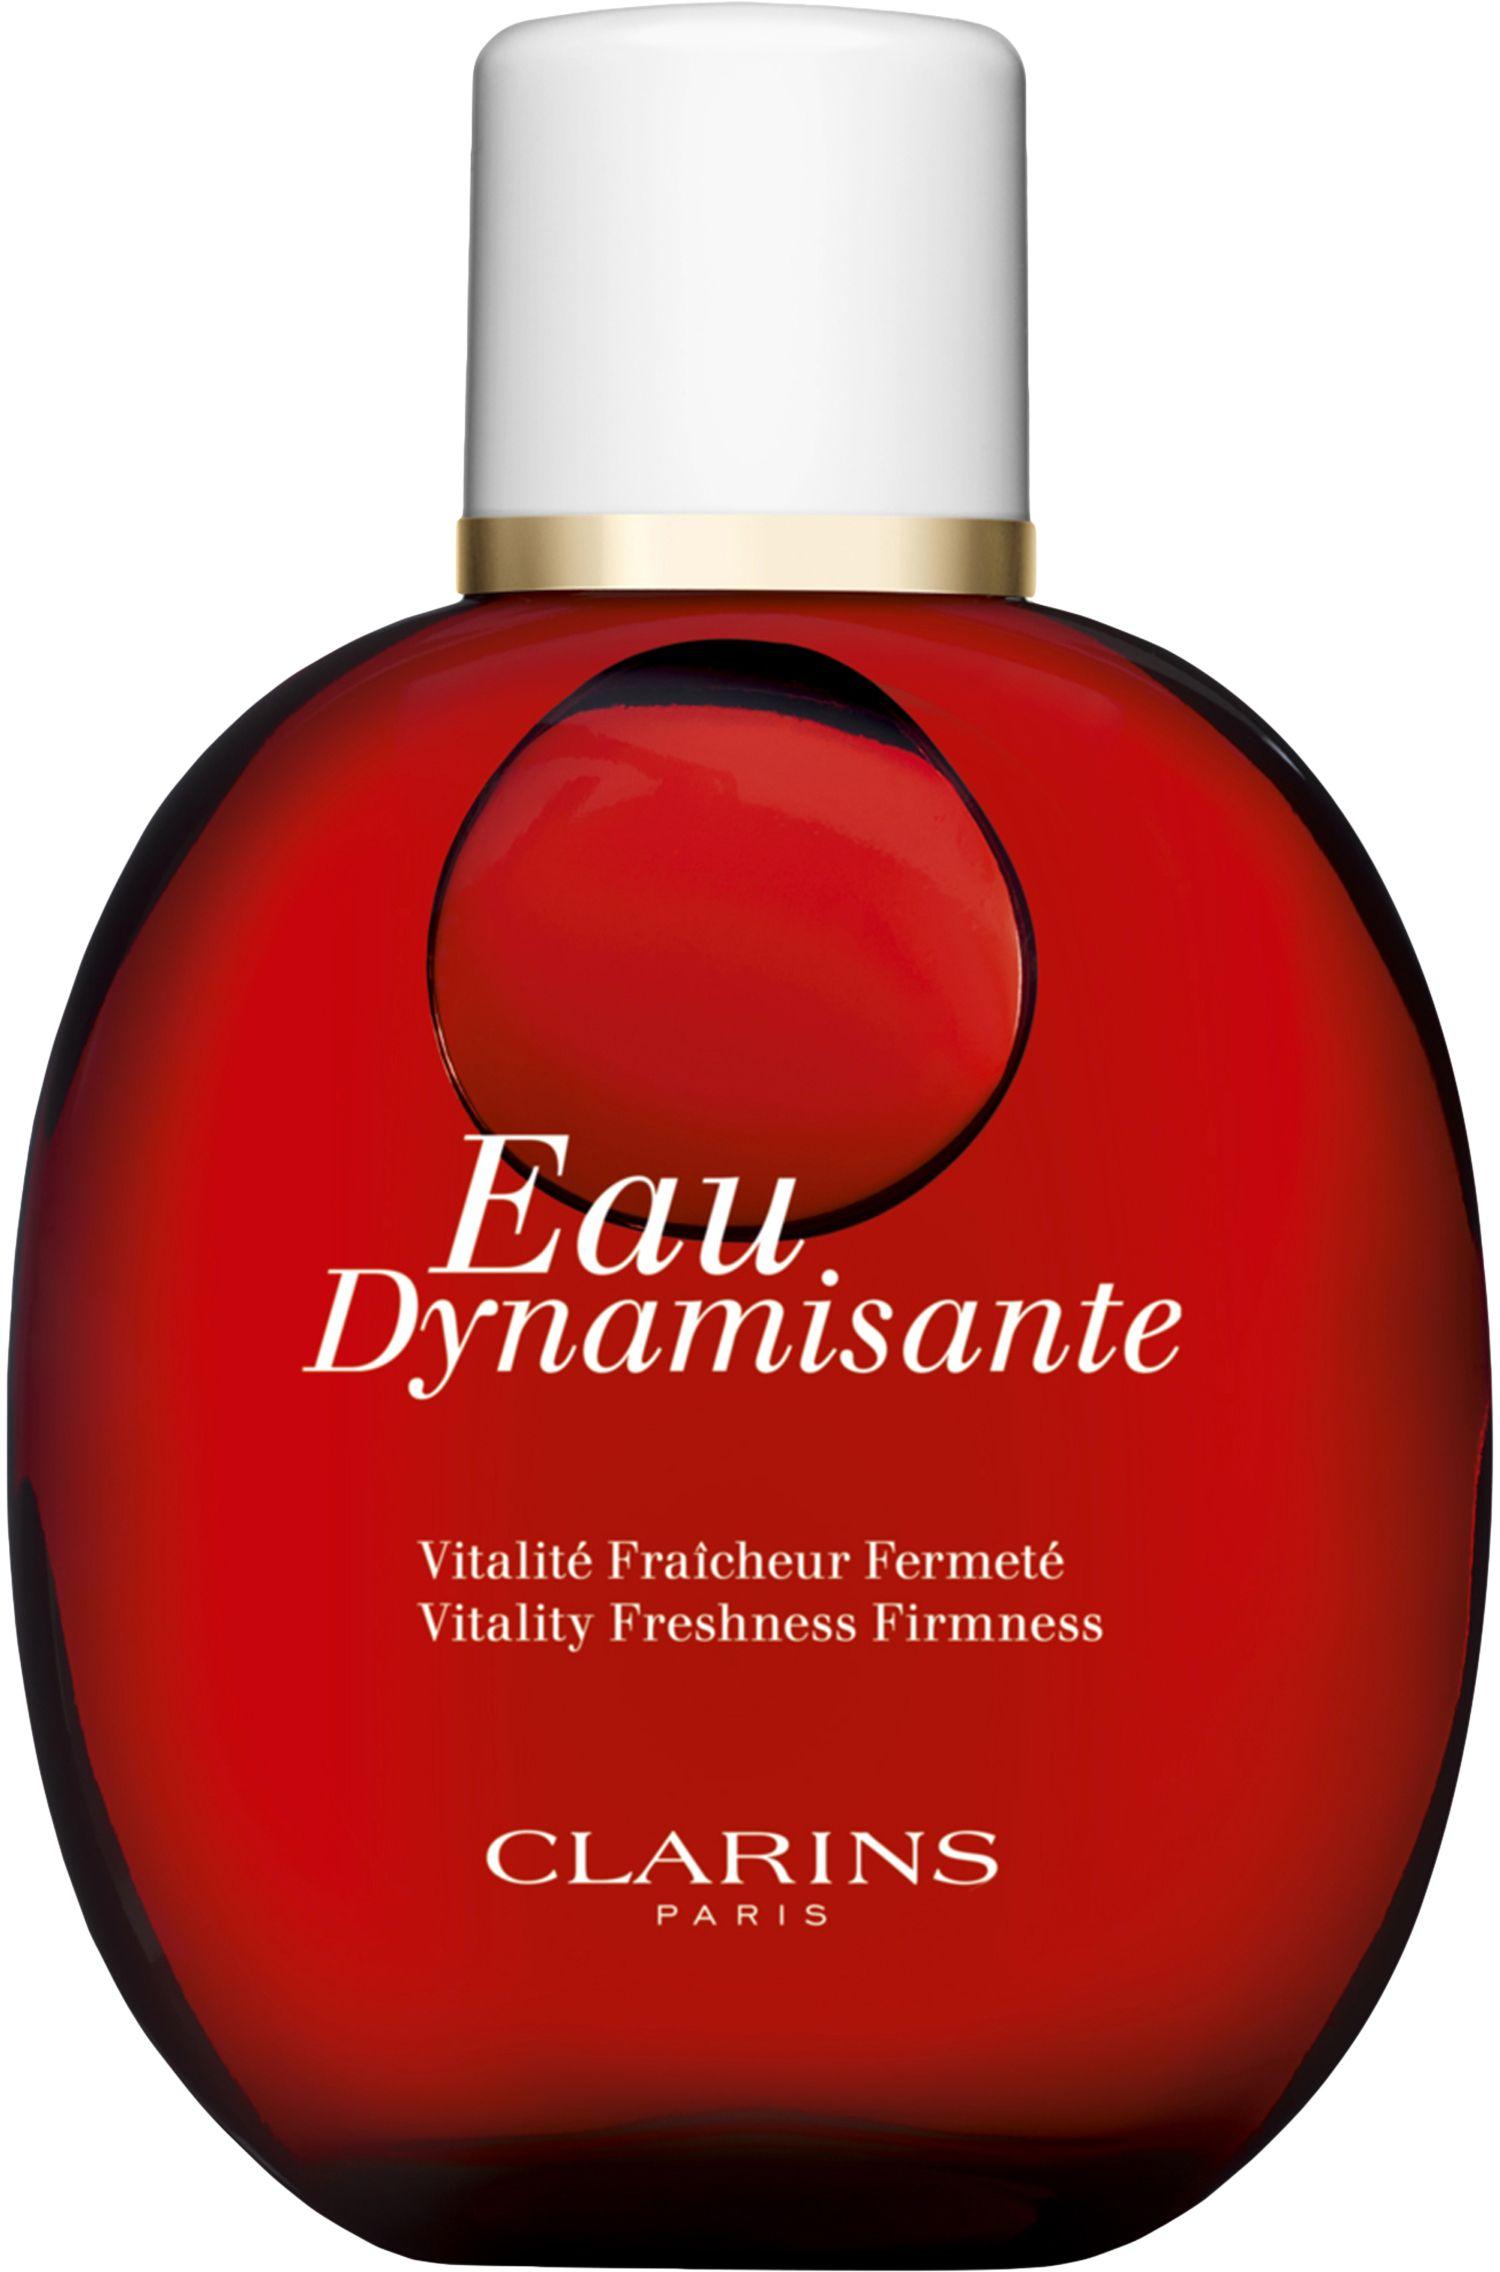 Blissim : Clarins - Eau Dynamisante - Eau Dynamisante